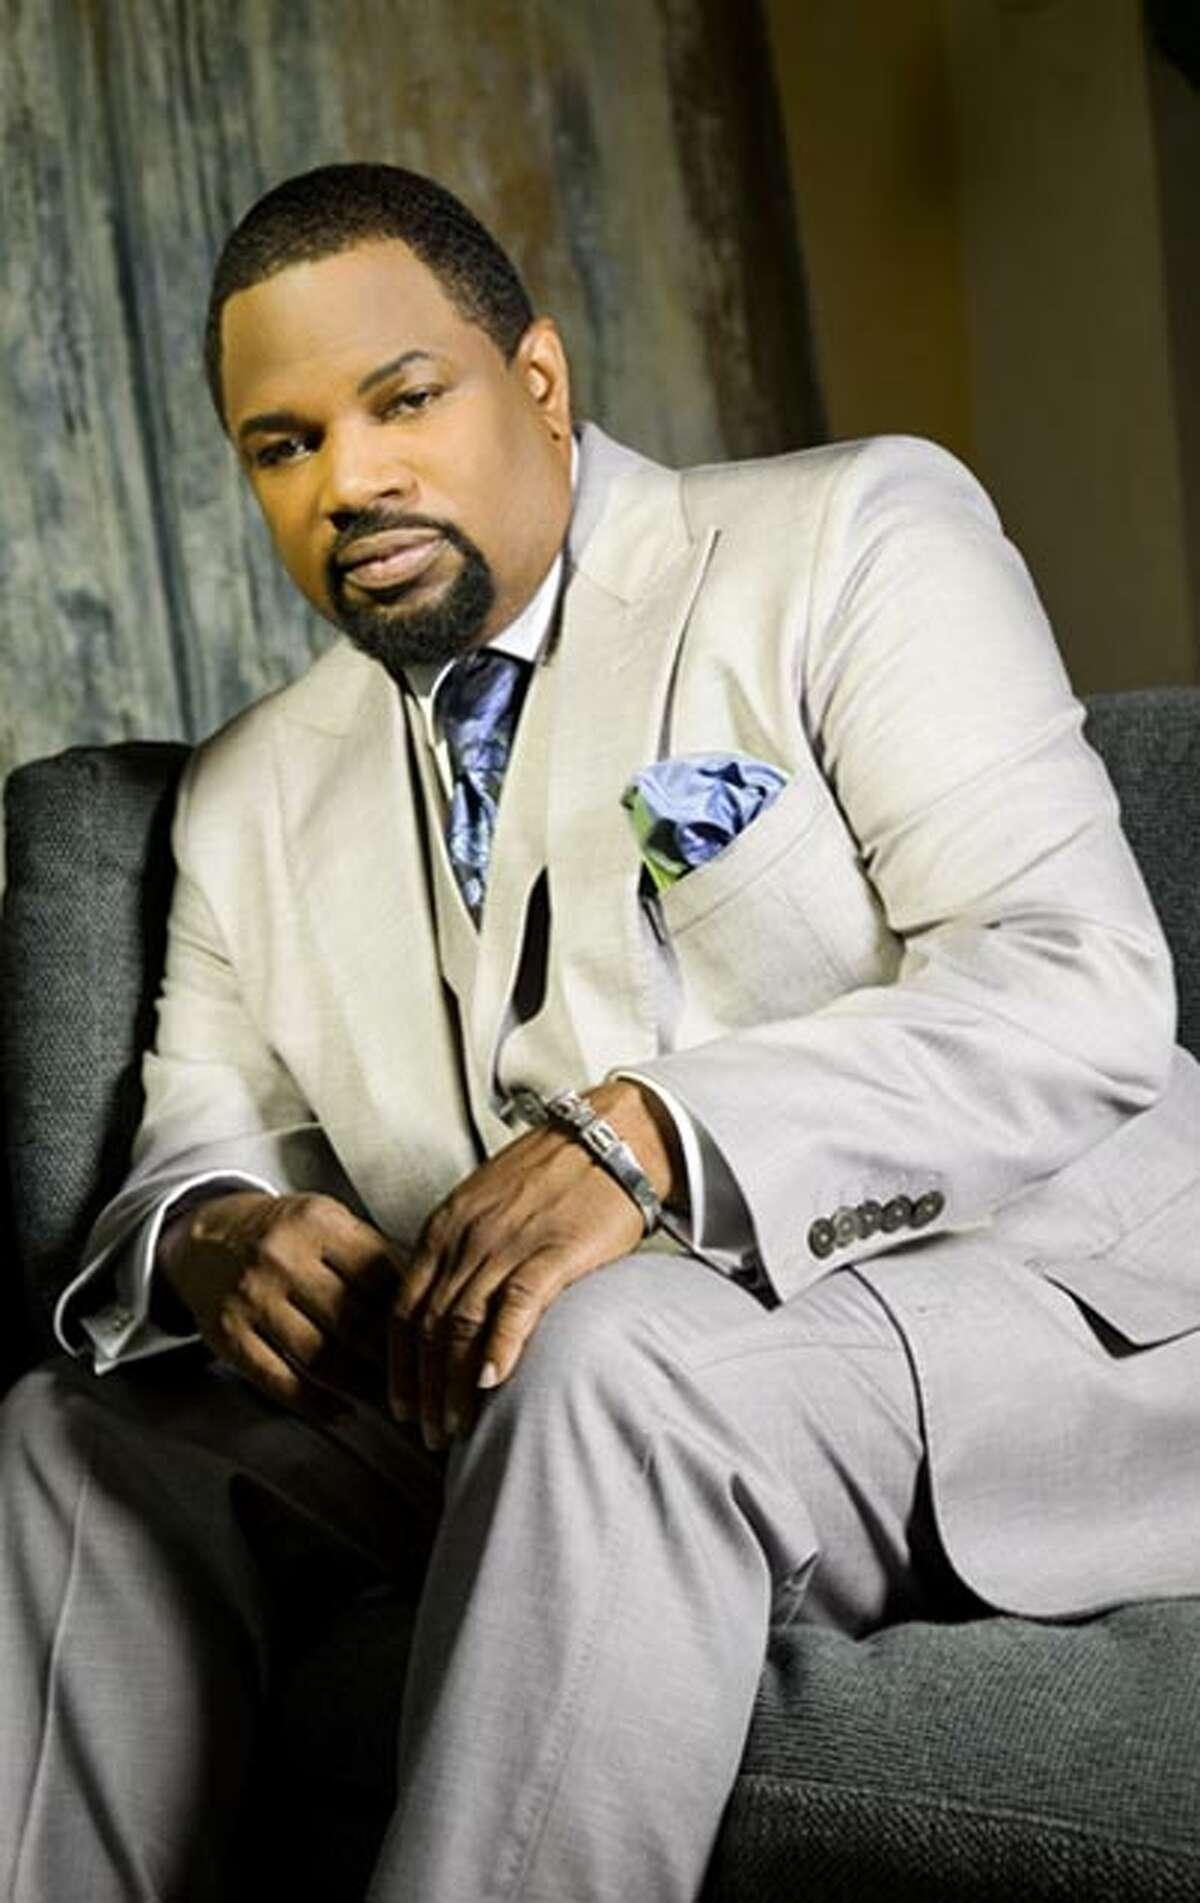 Bishop Hezekiah Walker (lovefellowship.com)